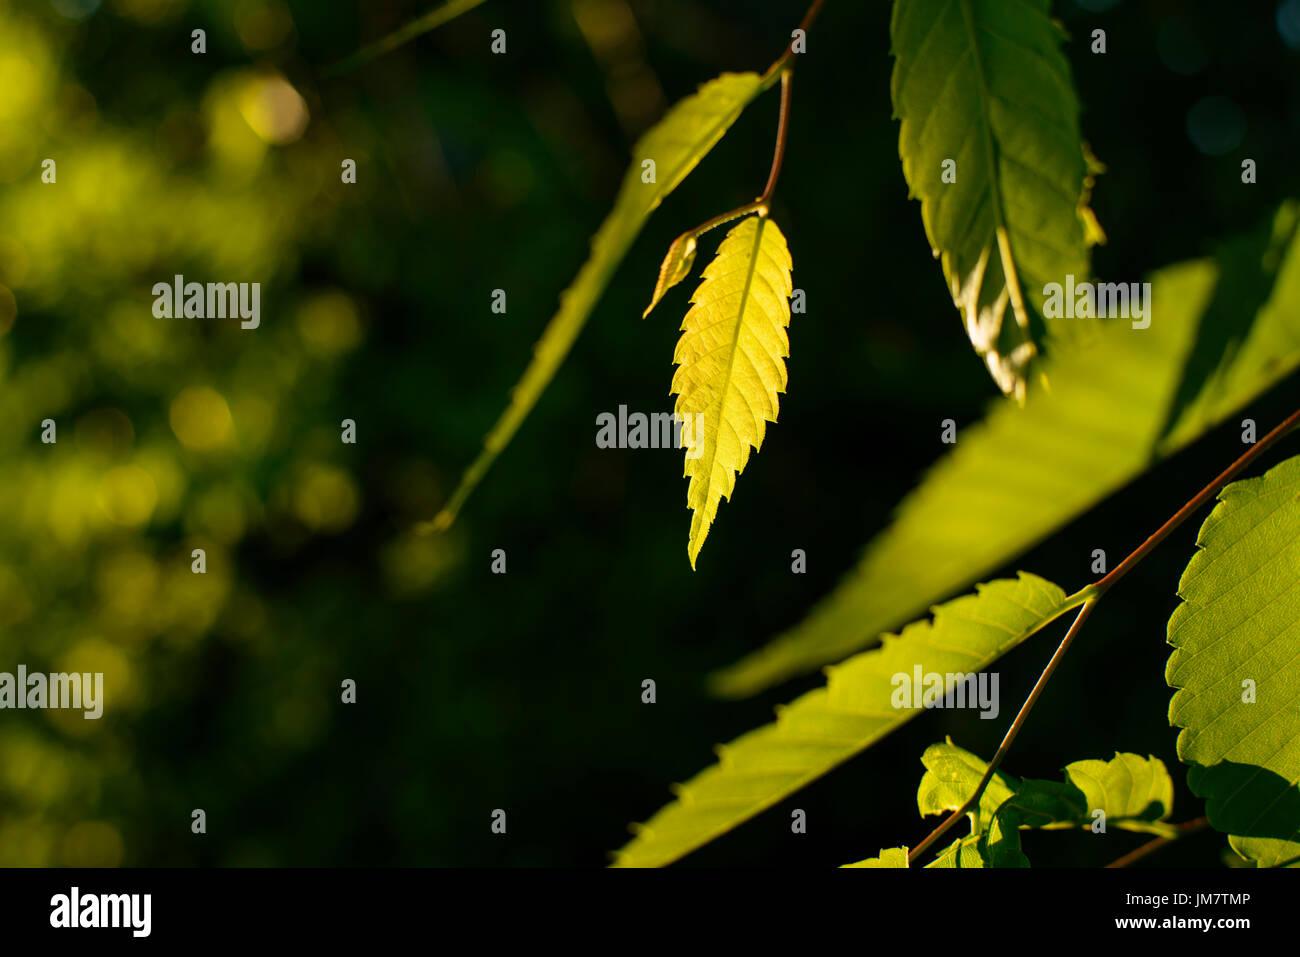 Zelkova leaves are in backlight. - Stock Image